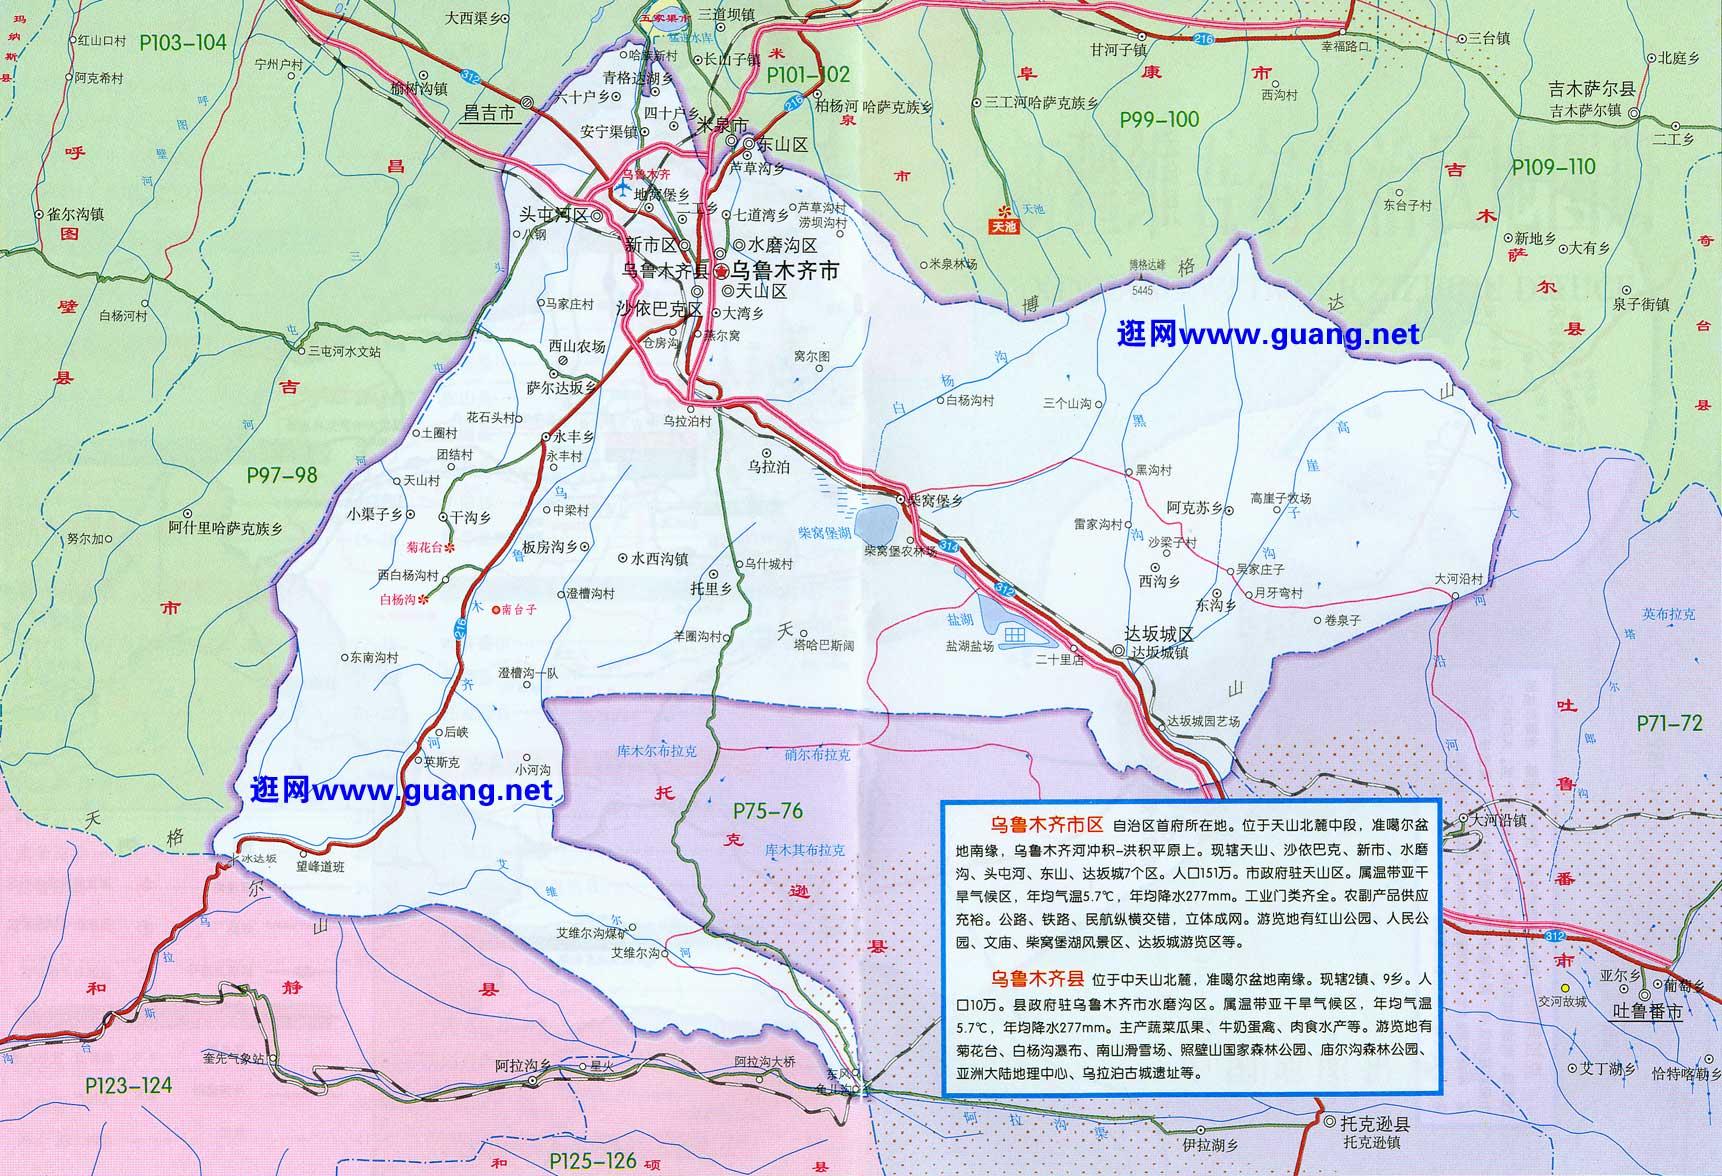 2015年版乌鲁木齐地图